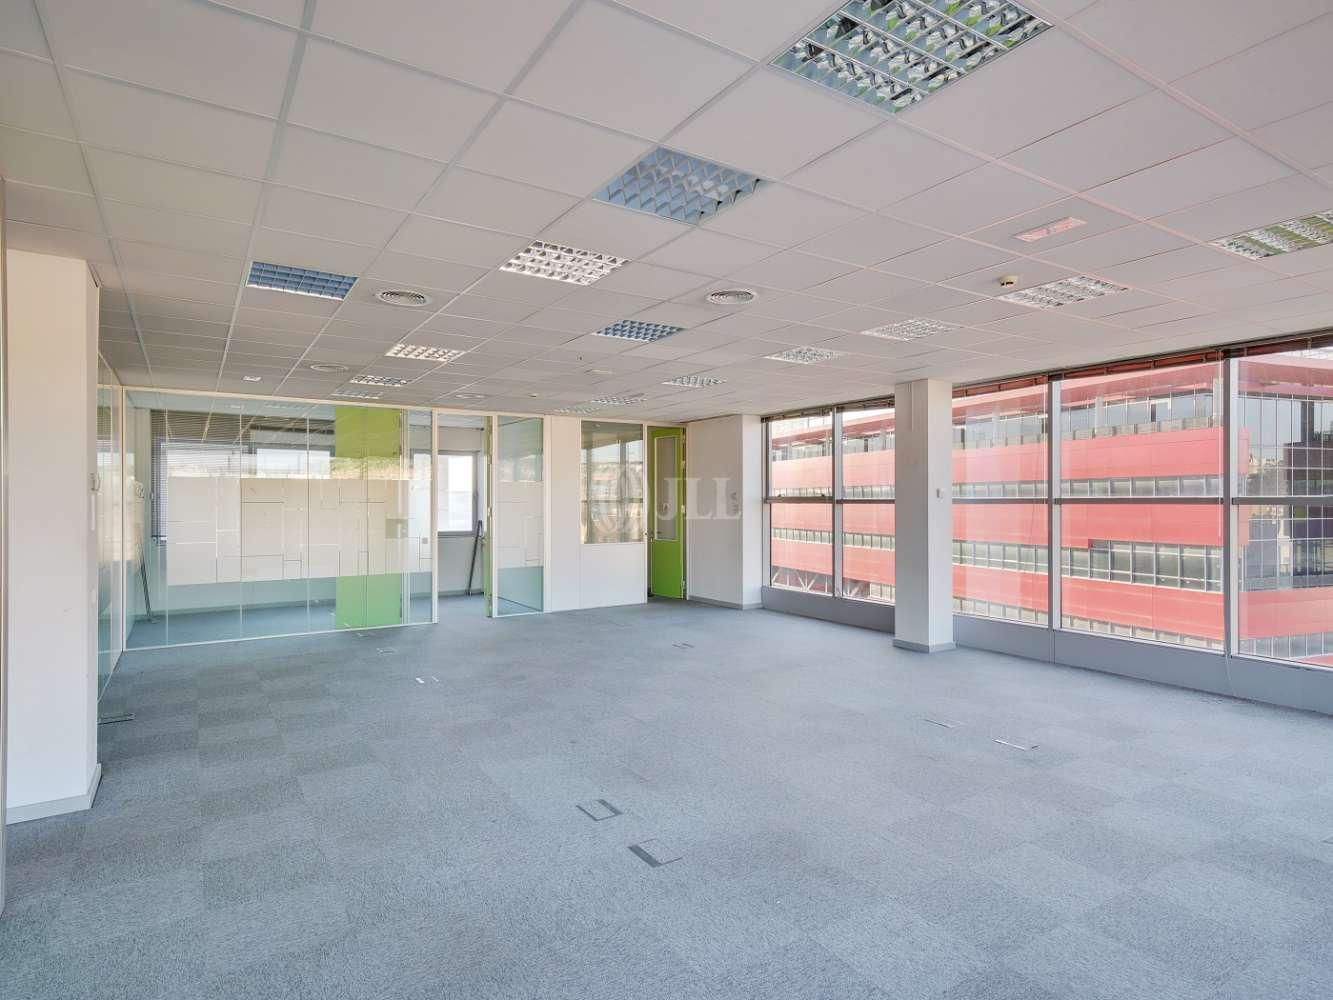 Oficina Rivas-vaciamadrid, 28521 - 521 Hub. Edificio 2 - 14508